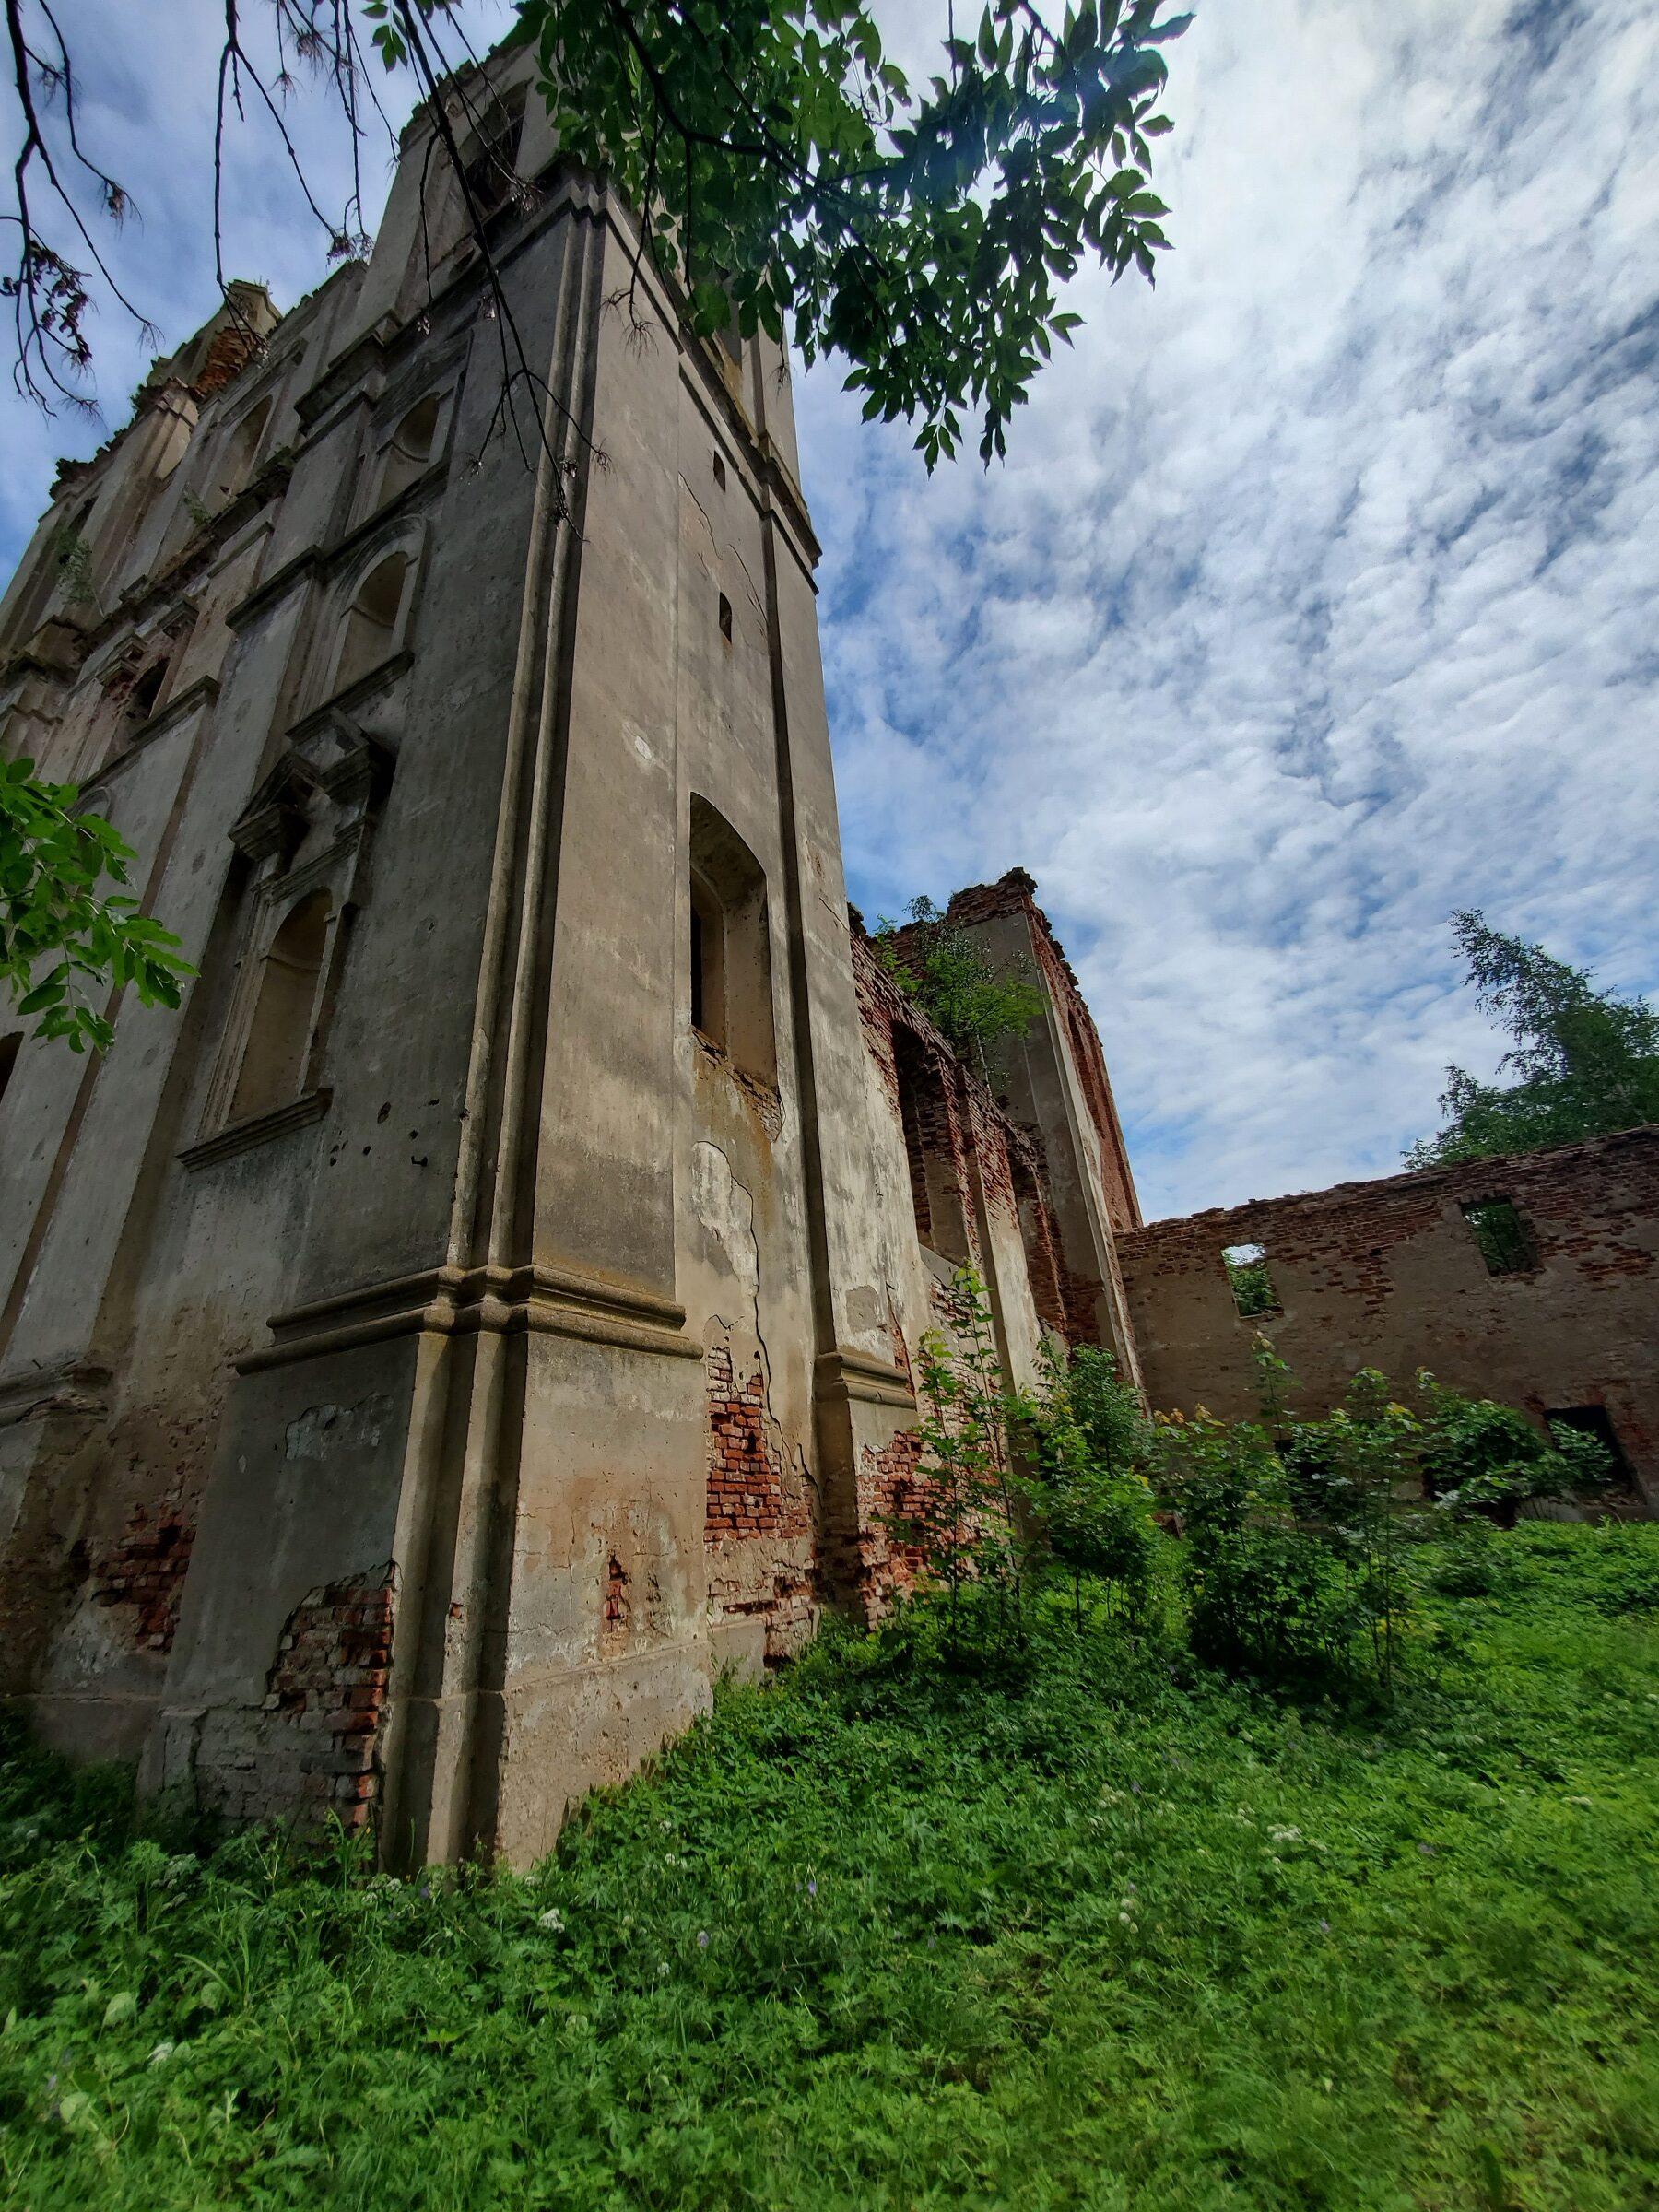 20200705 132700 rotated - Памятники архитектуры в Селище